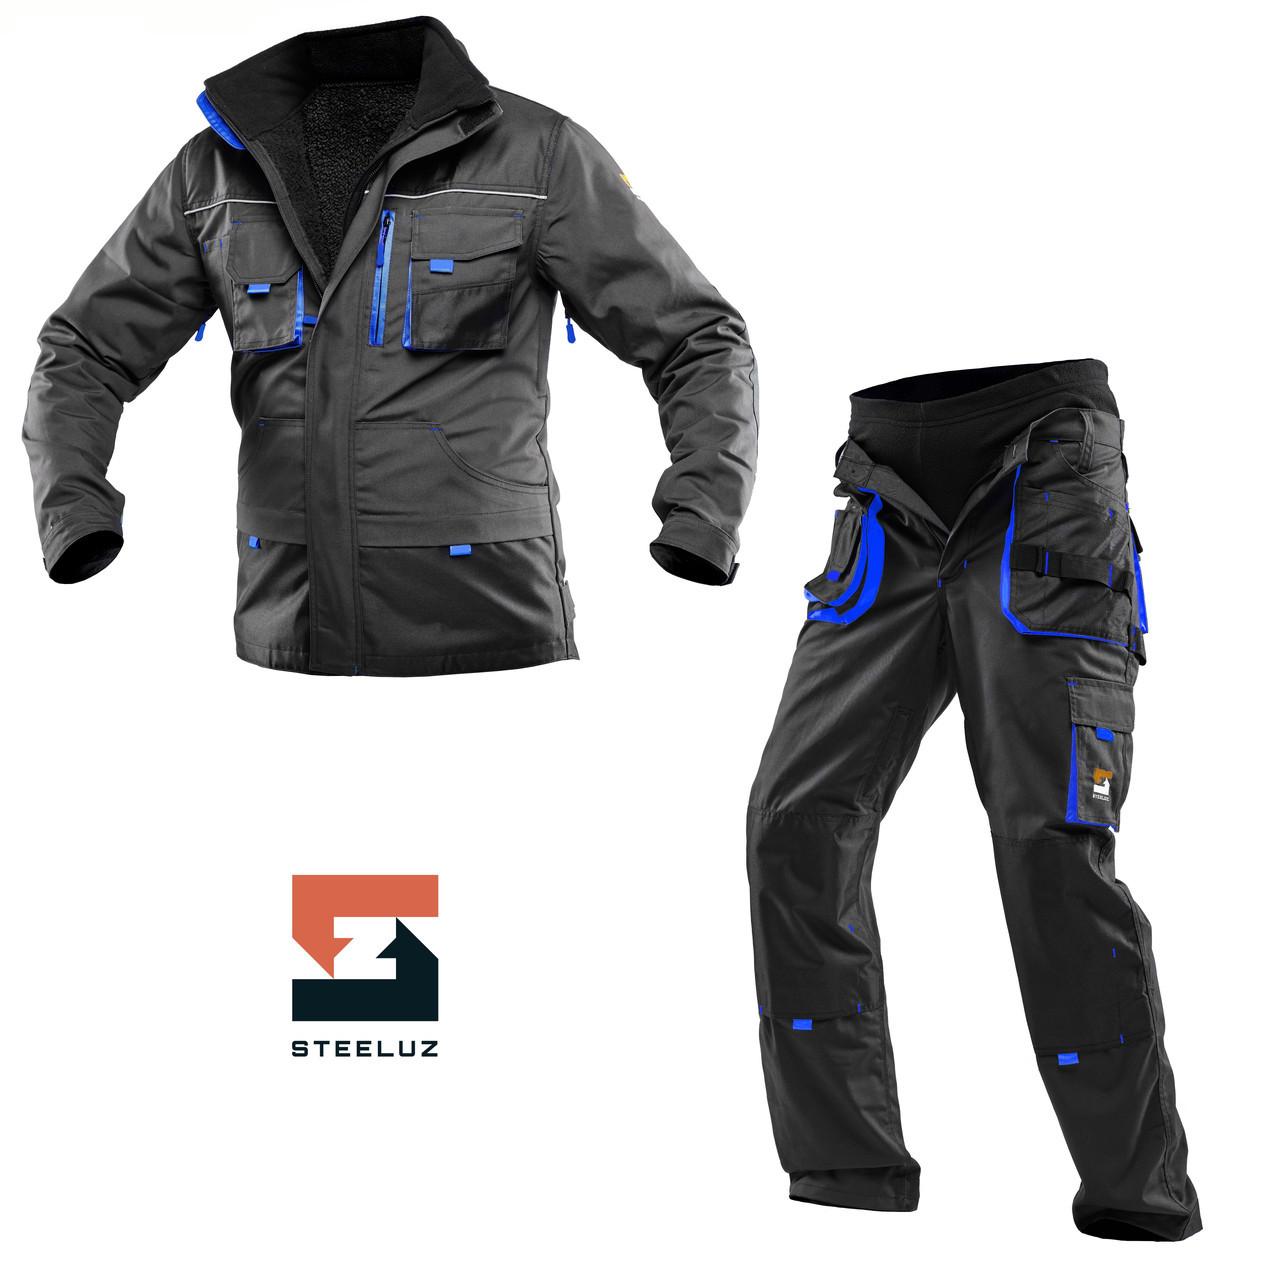 Костюм рабочий защитный утепленный SteelUZ 4S синяя отделка Куртка+Брюки, Темно-серый, 44